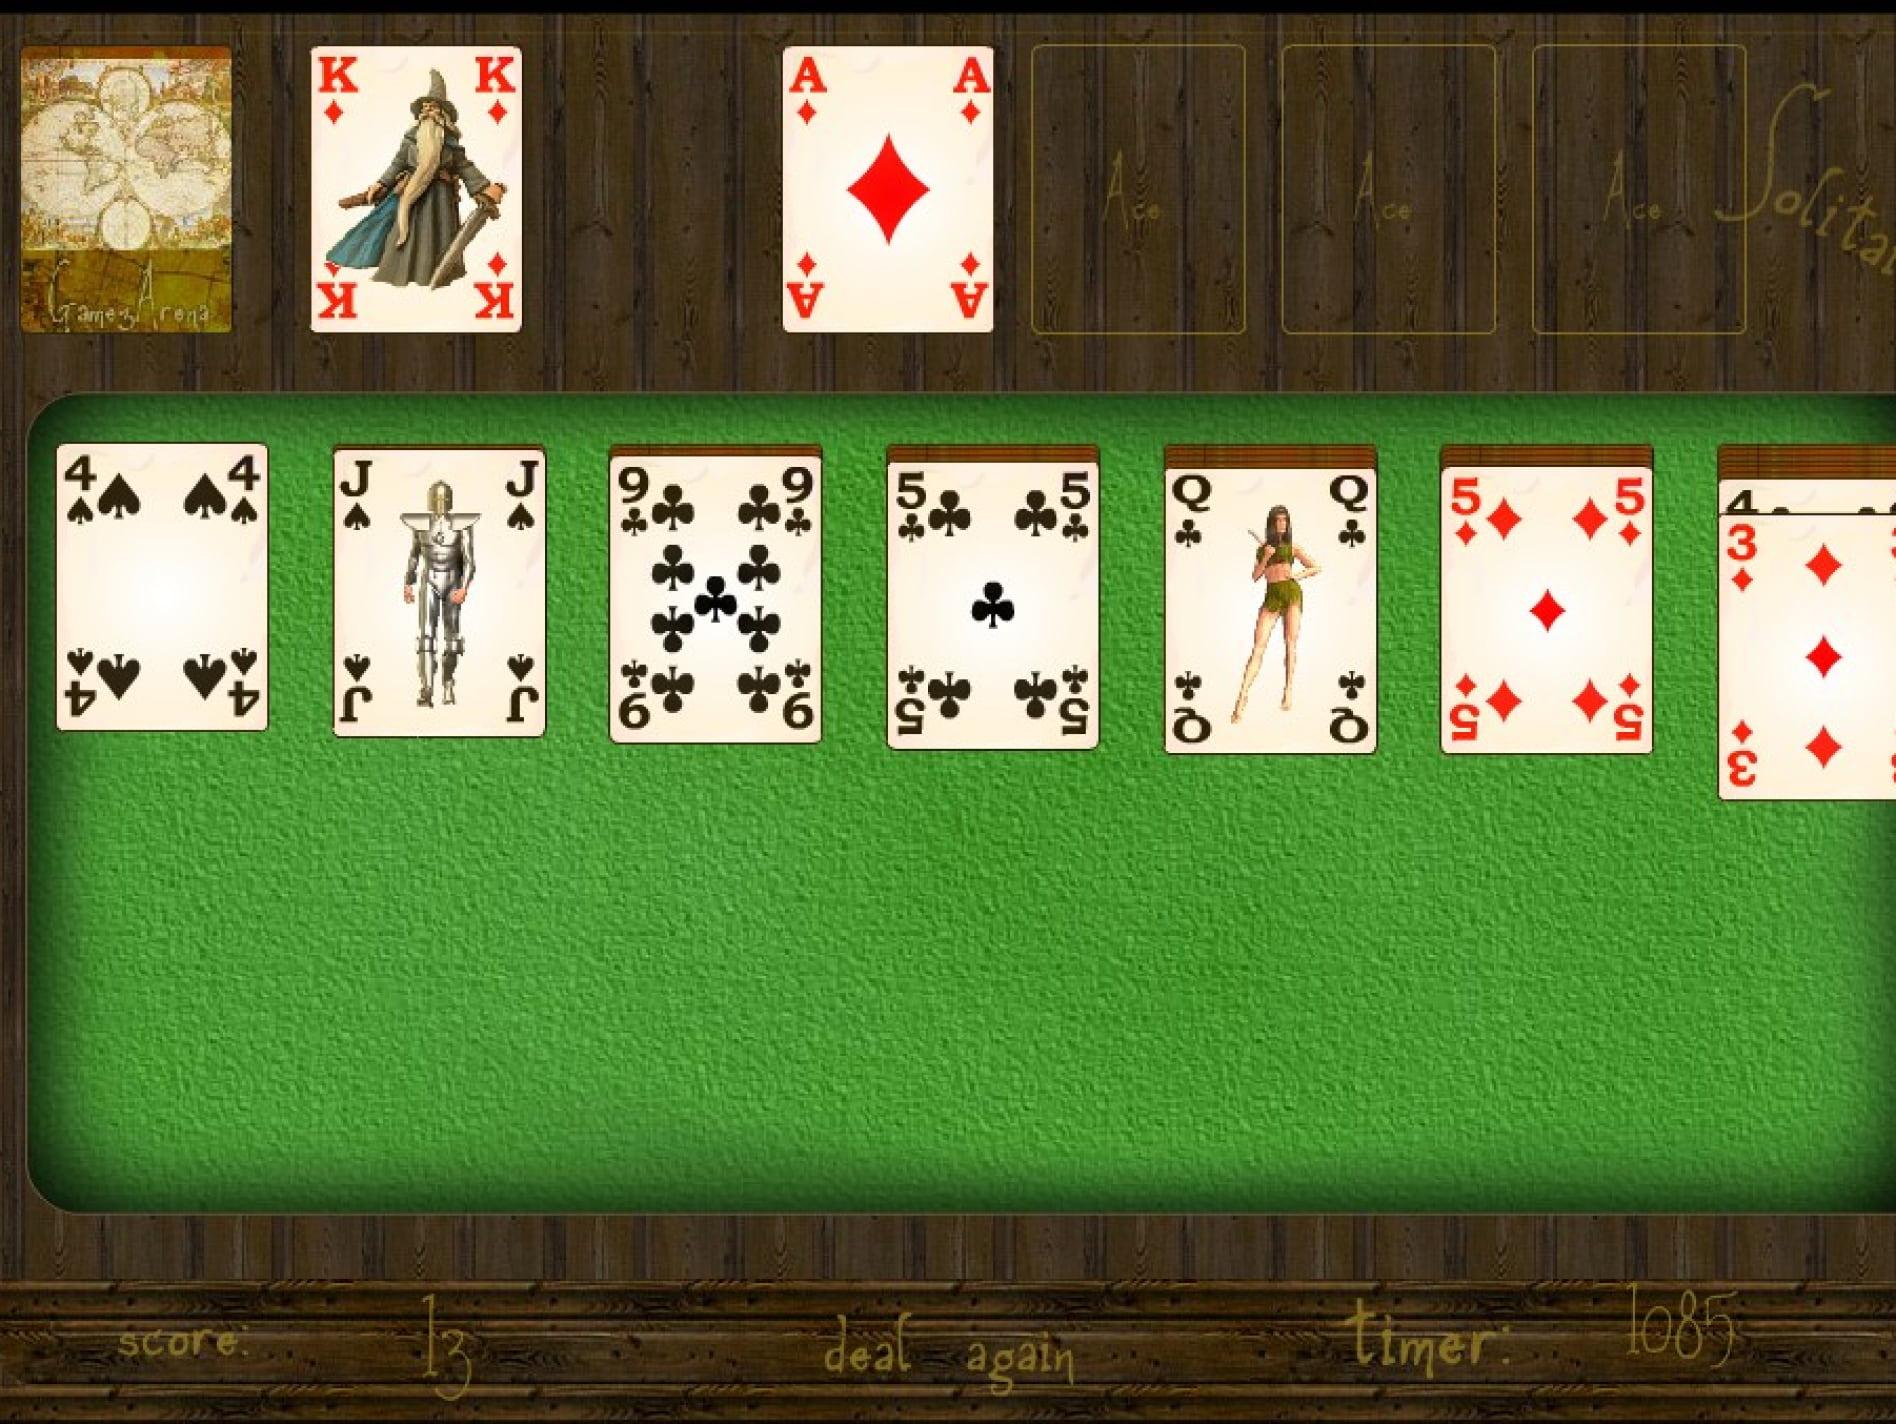 играет скуби в карты ду